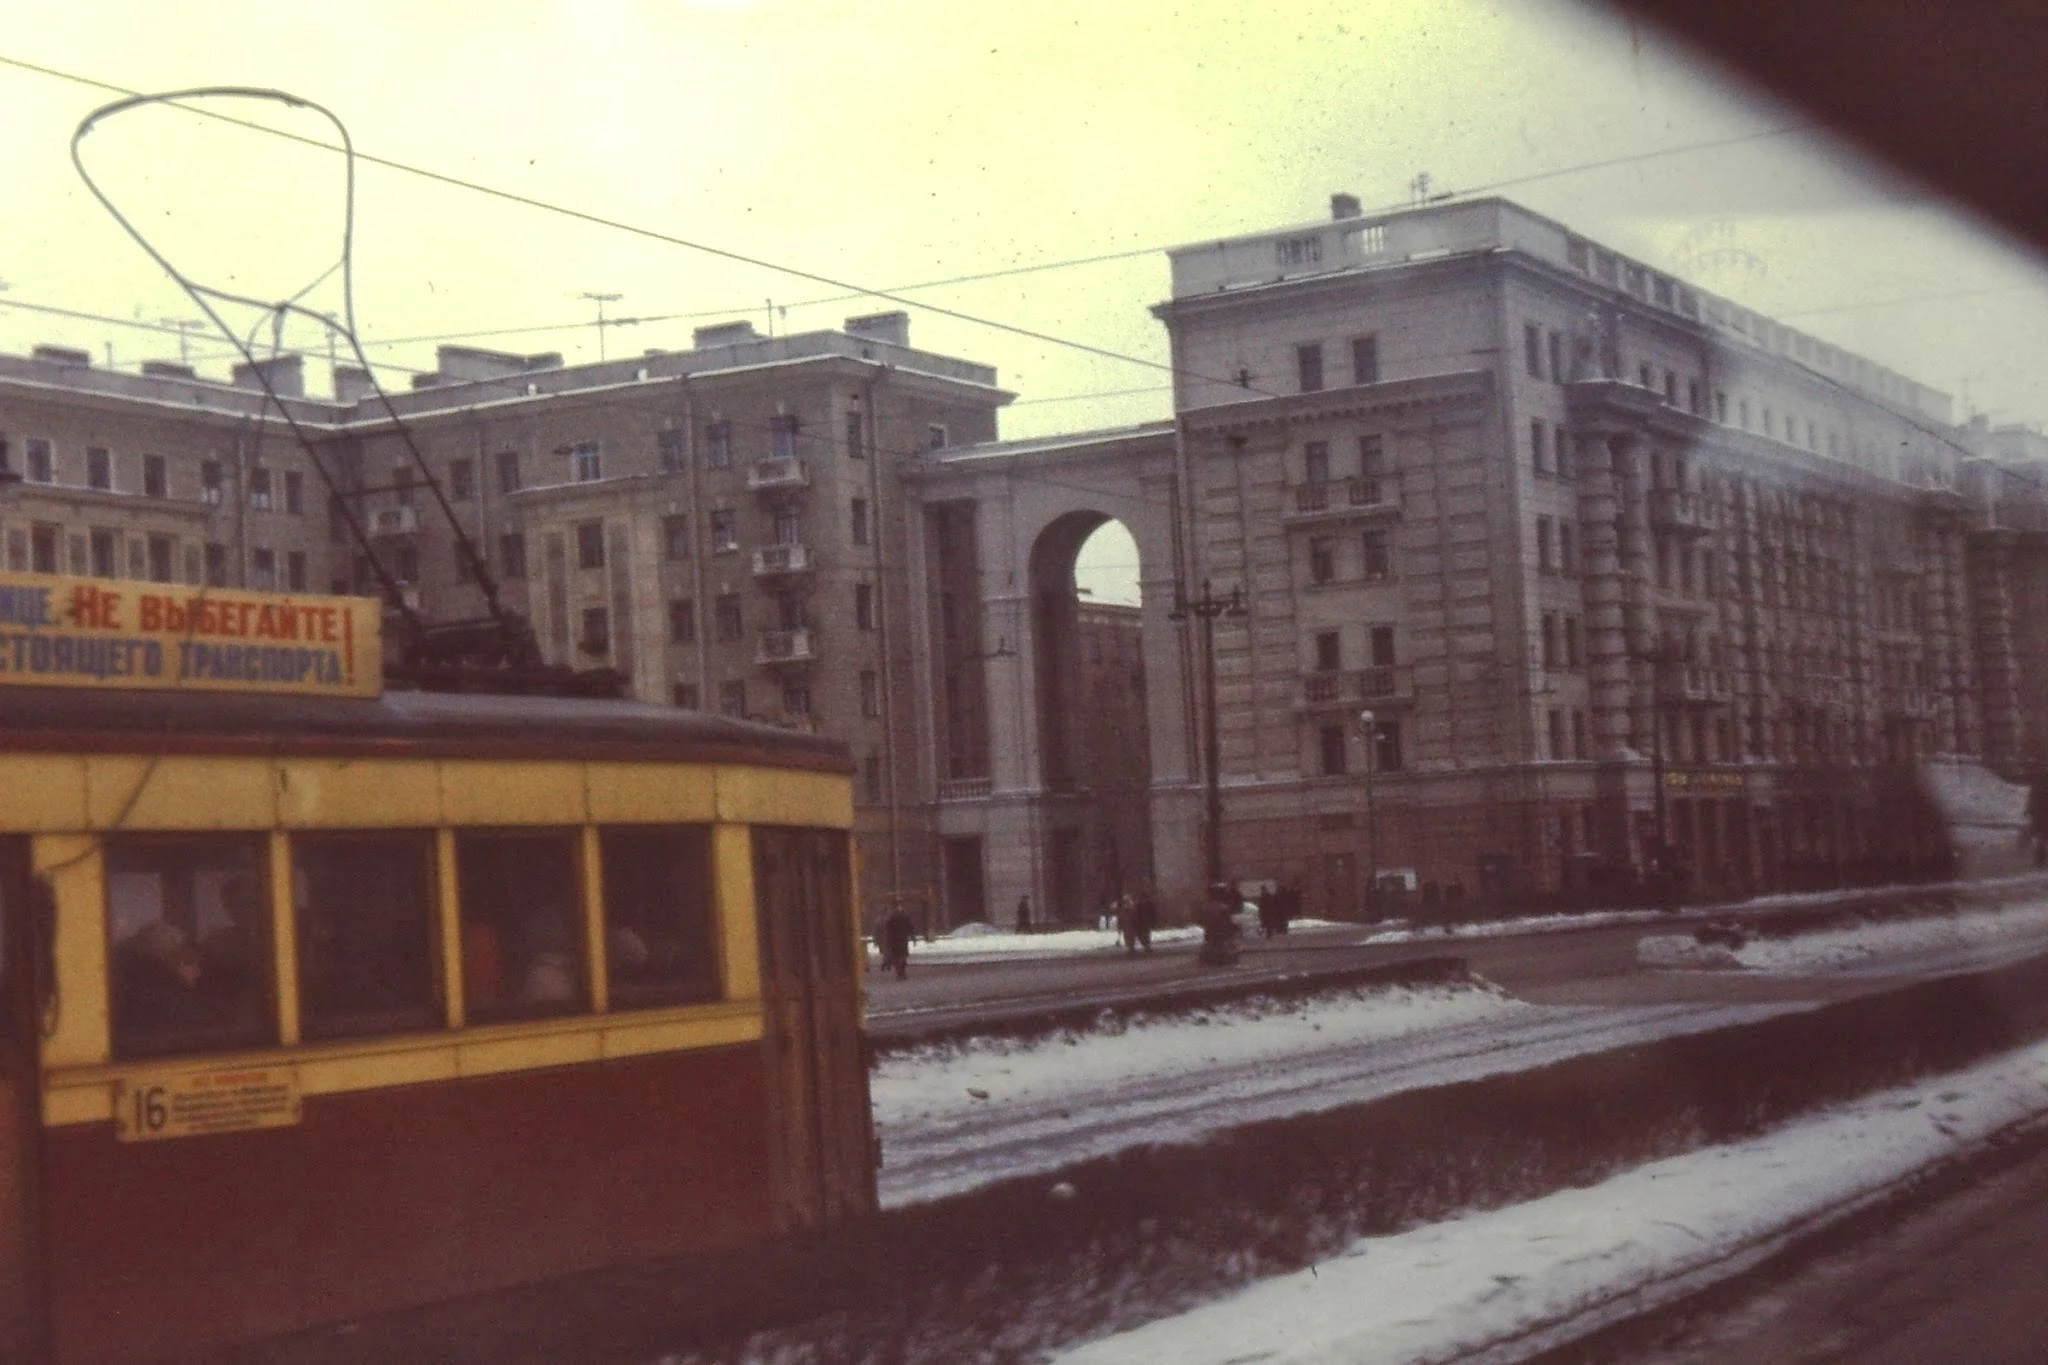 Пригород, построенный в 1950-1955 гг. Московский проспект